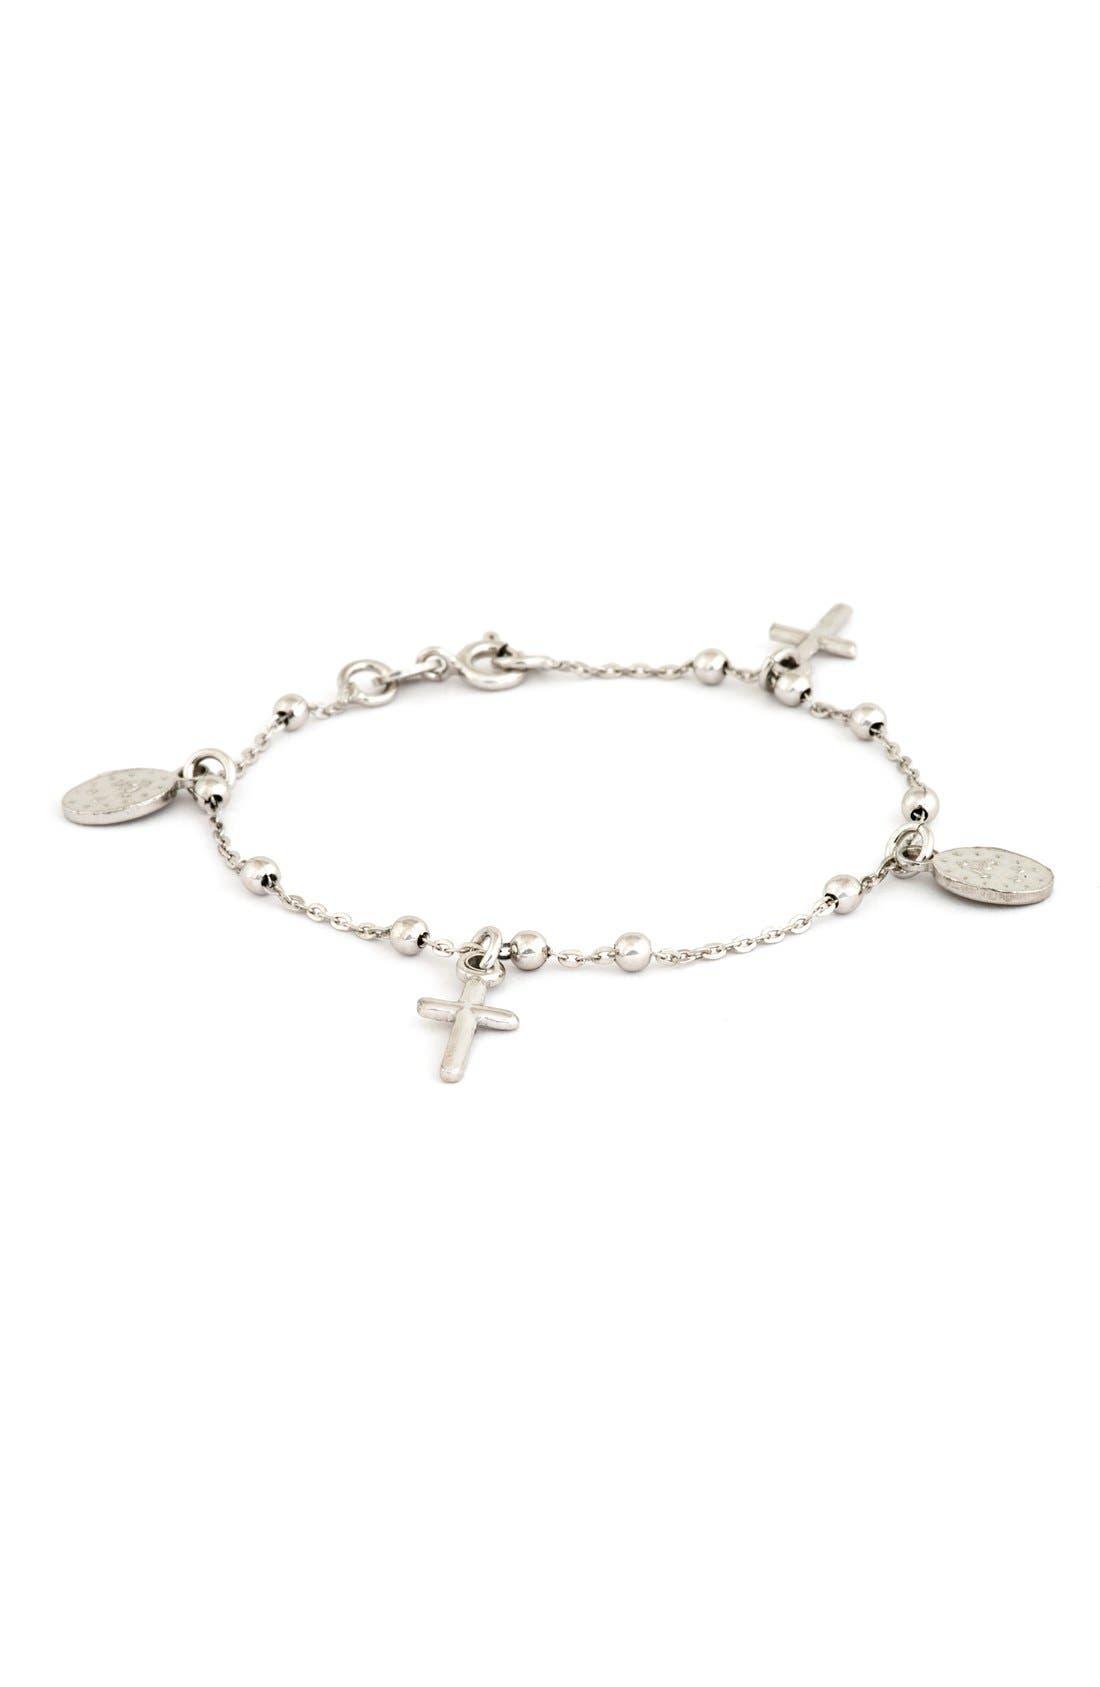 SPEIDEL Cross & Miraculous Medal Sterling Silver Charm Bracelet